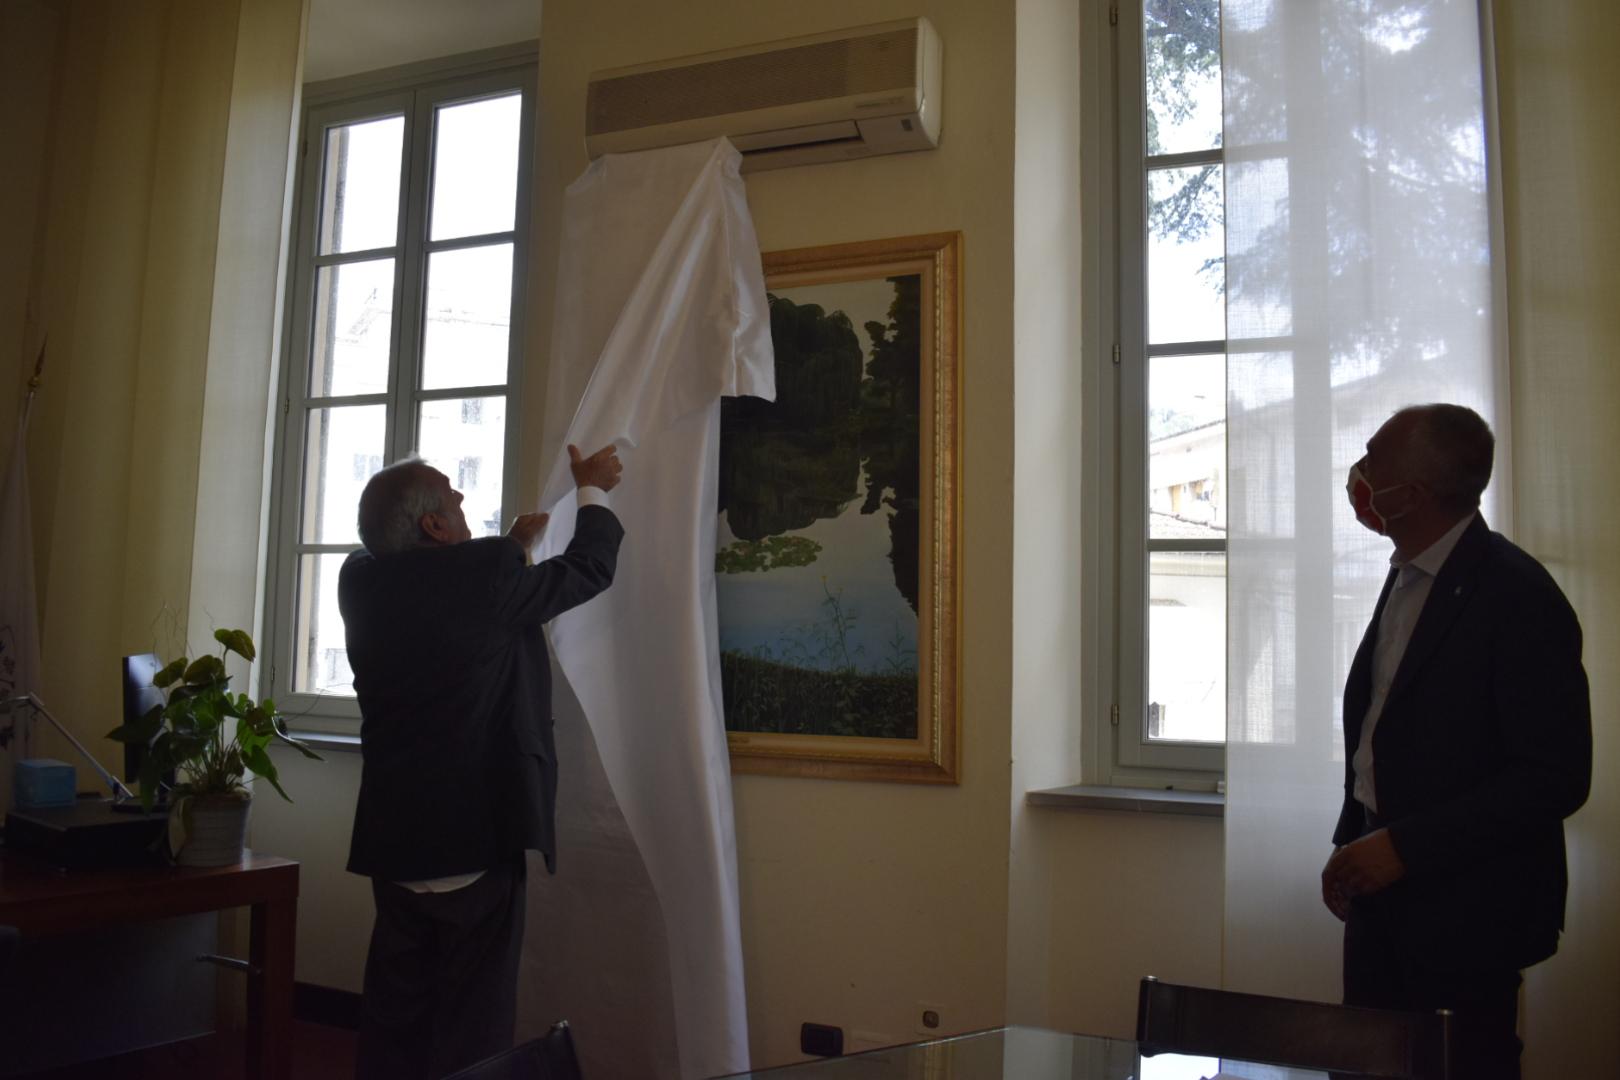 L'artista Romeo Tani dona un quadro al Comune di Massarosa